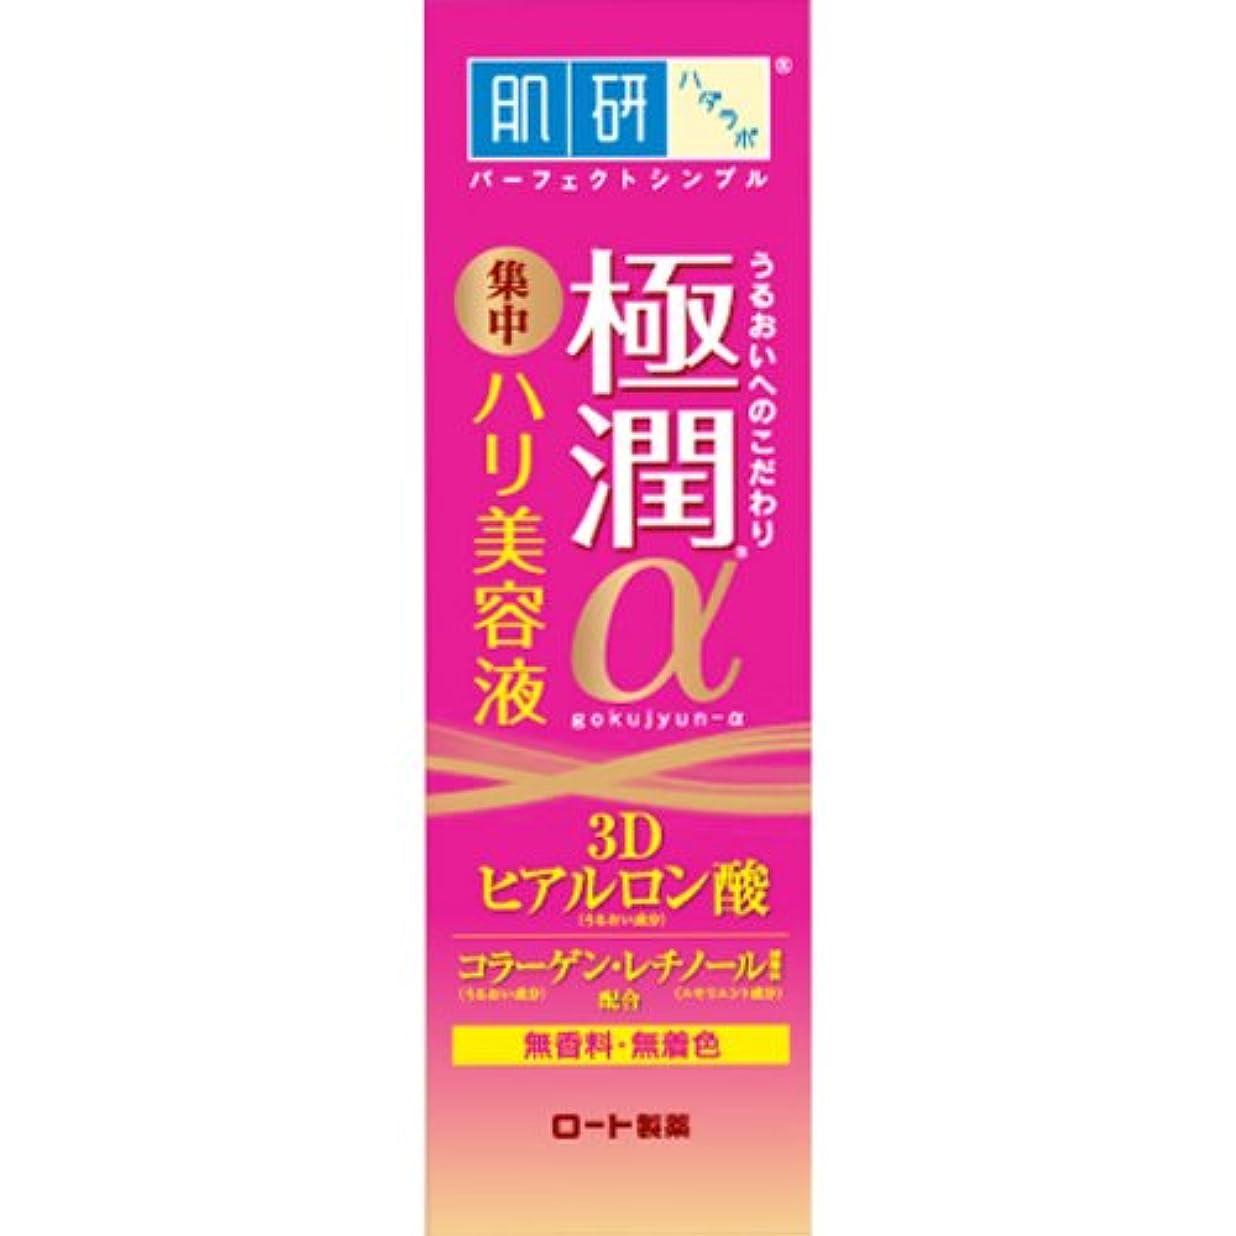 発生軌道抑制する肌研(ハダラボ) 極潤 αハリ美容液 30g